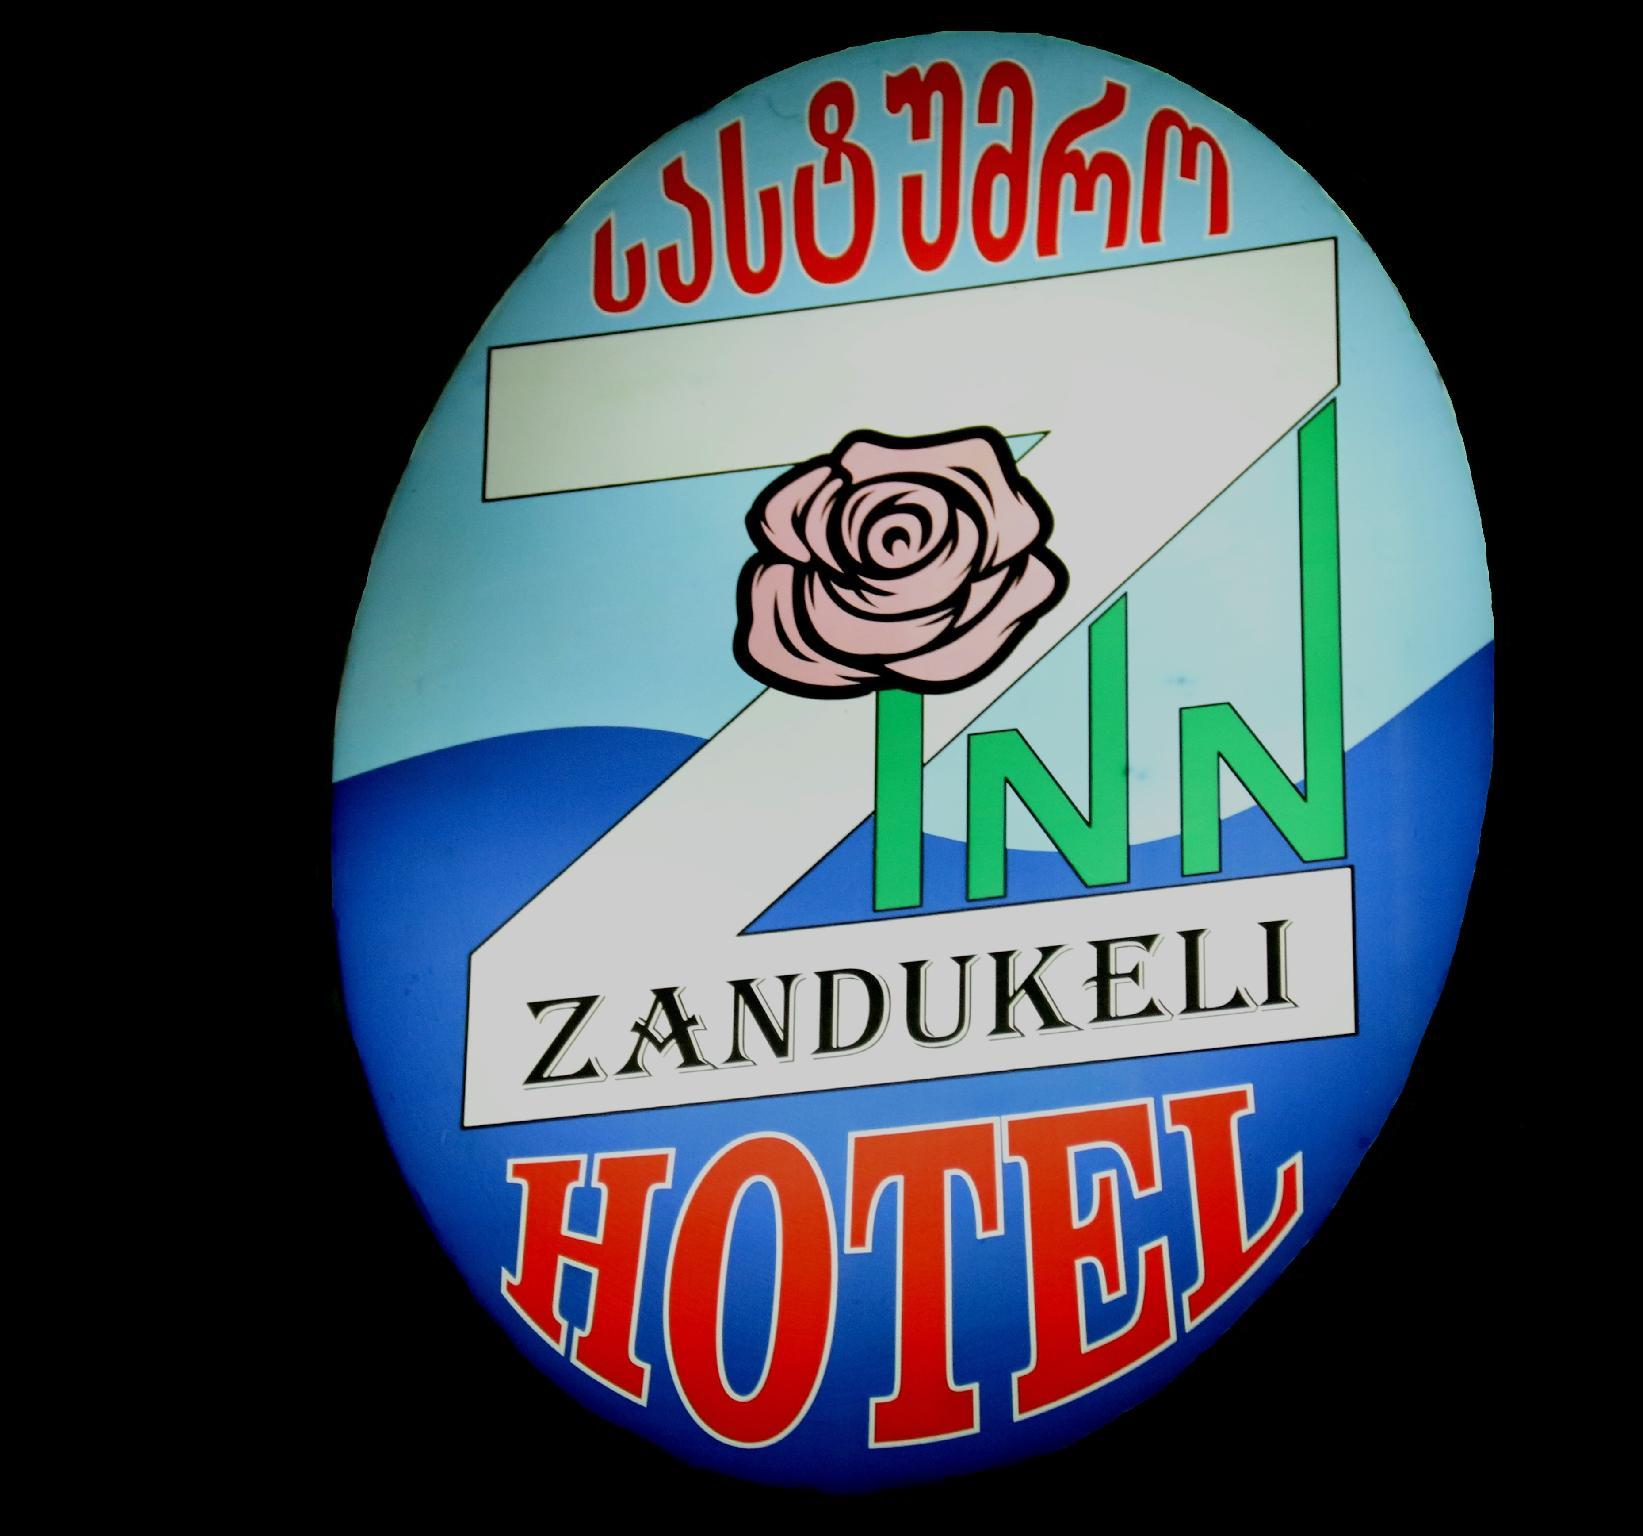 Zandukeli Inn